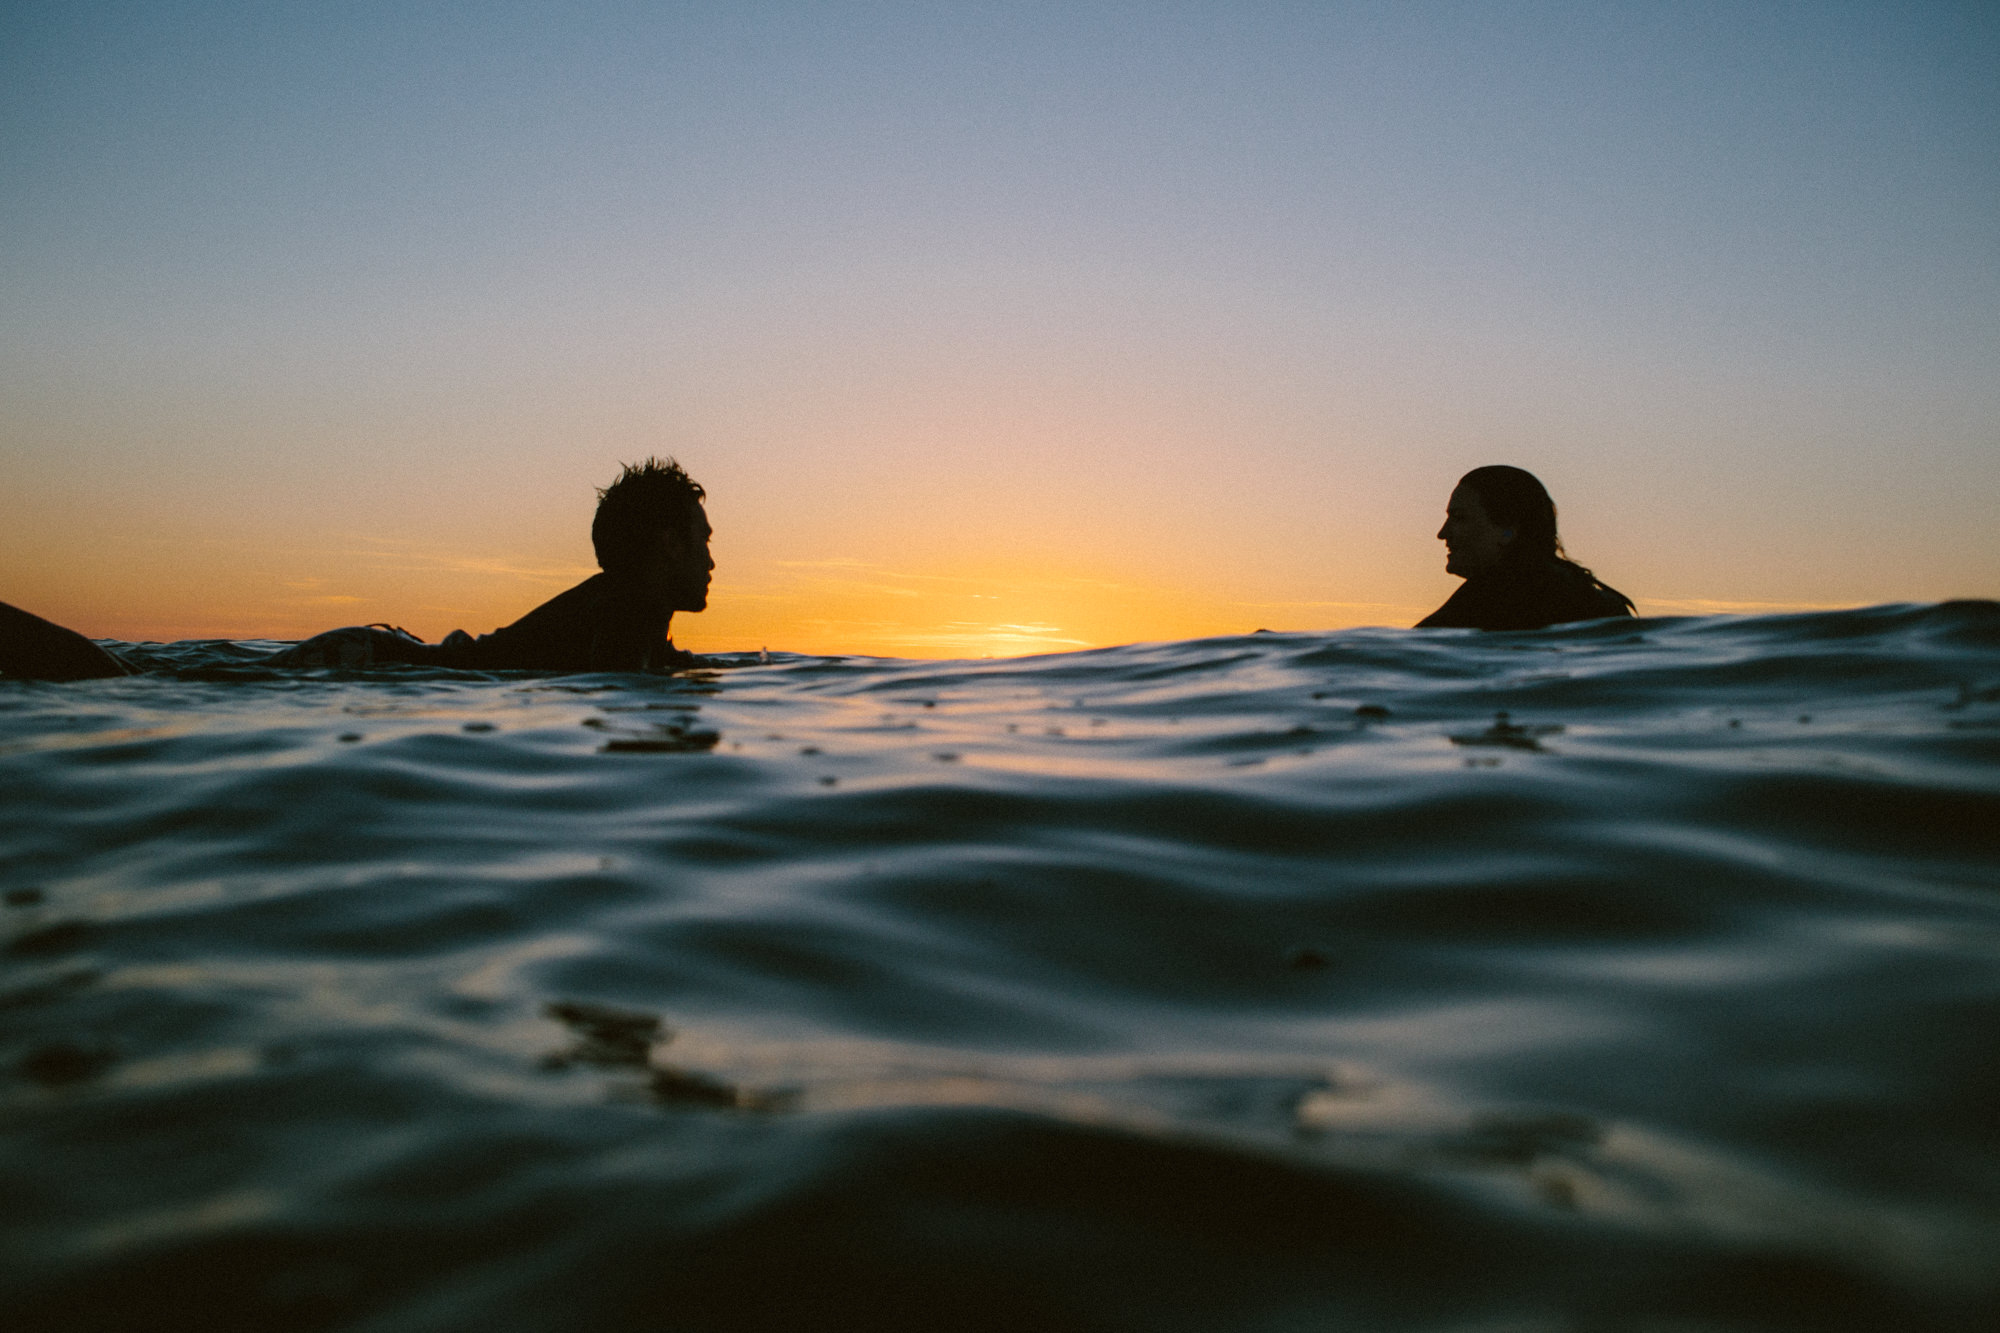 Photographe-aquatique-freedive-couple-argentique-celine-hamelin52.jpg